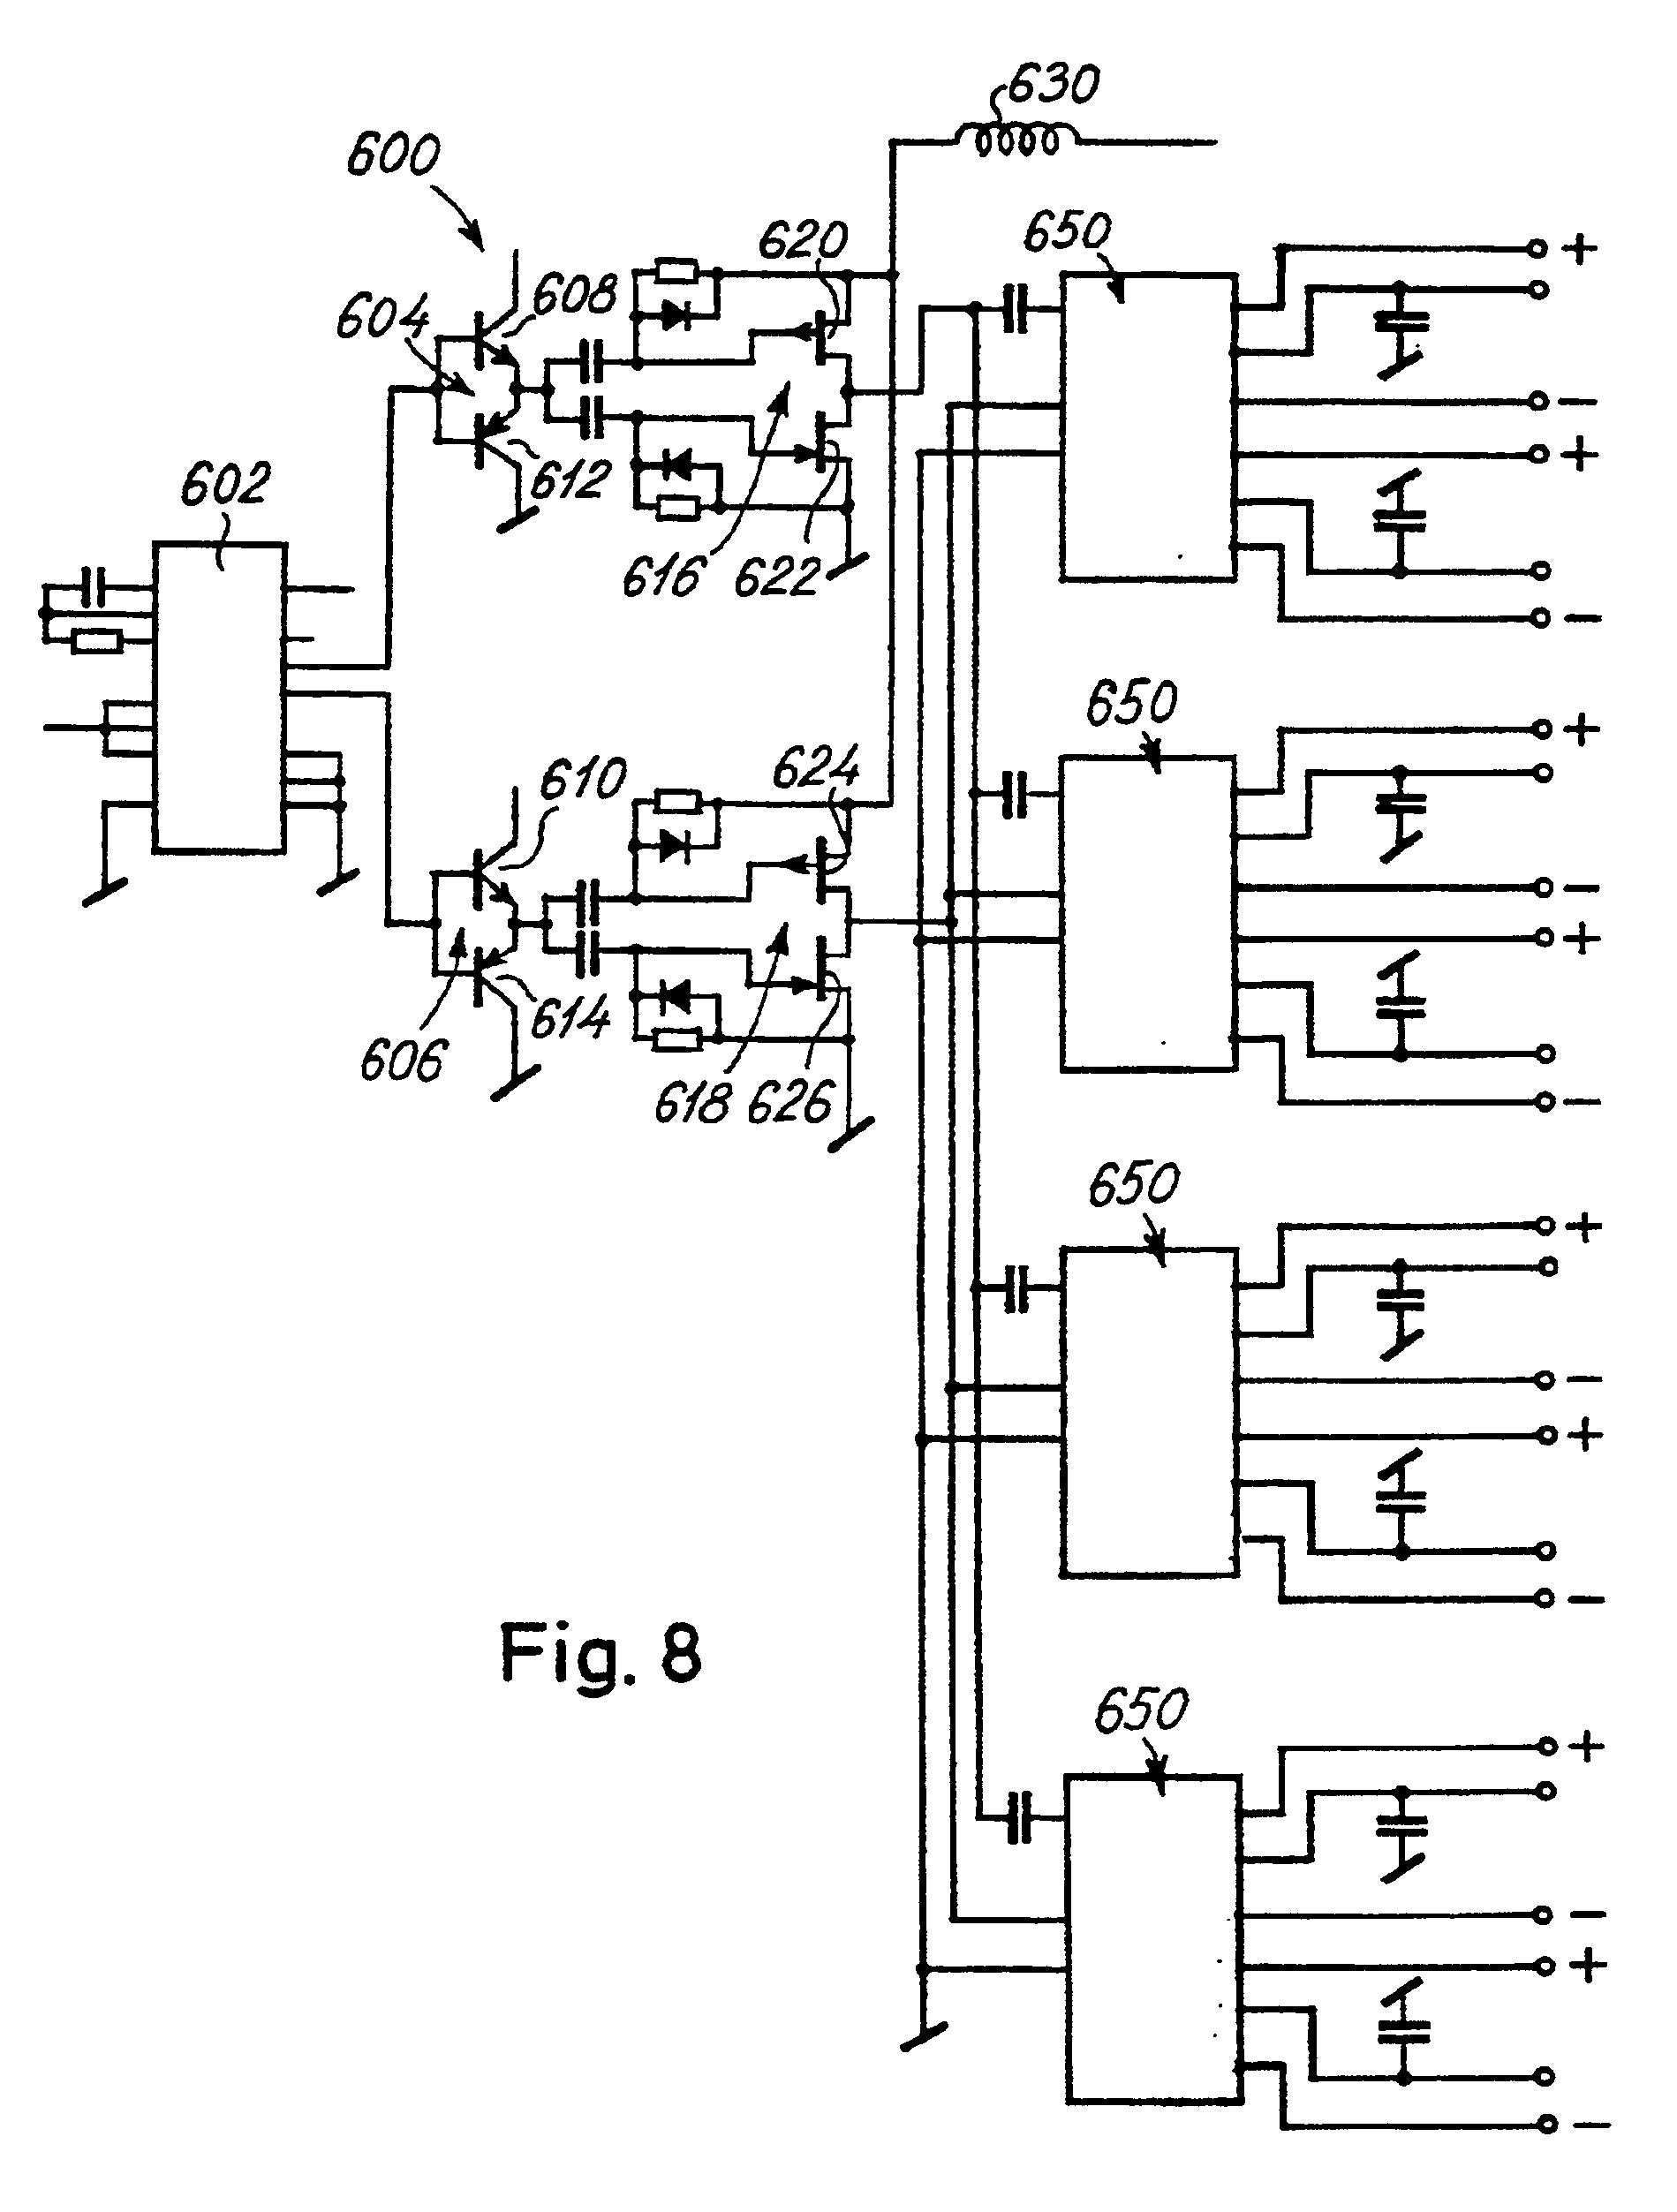 901 Bose Amplifier Wiring Diagram | Online Wiring Diagram